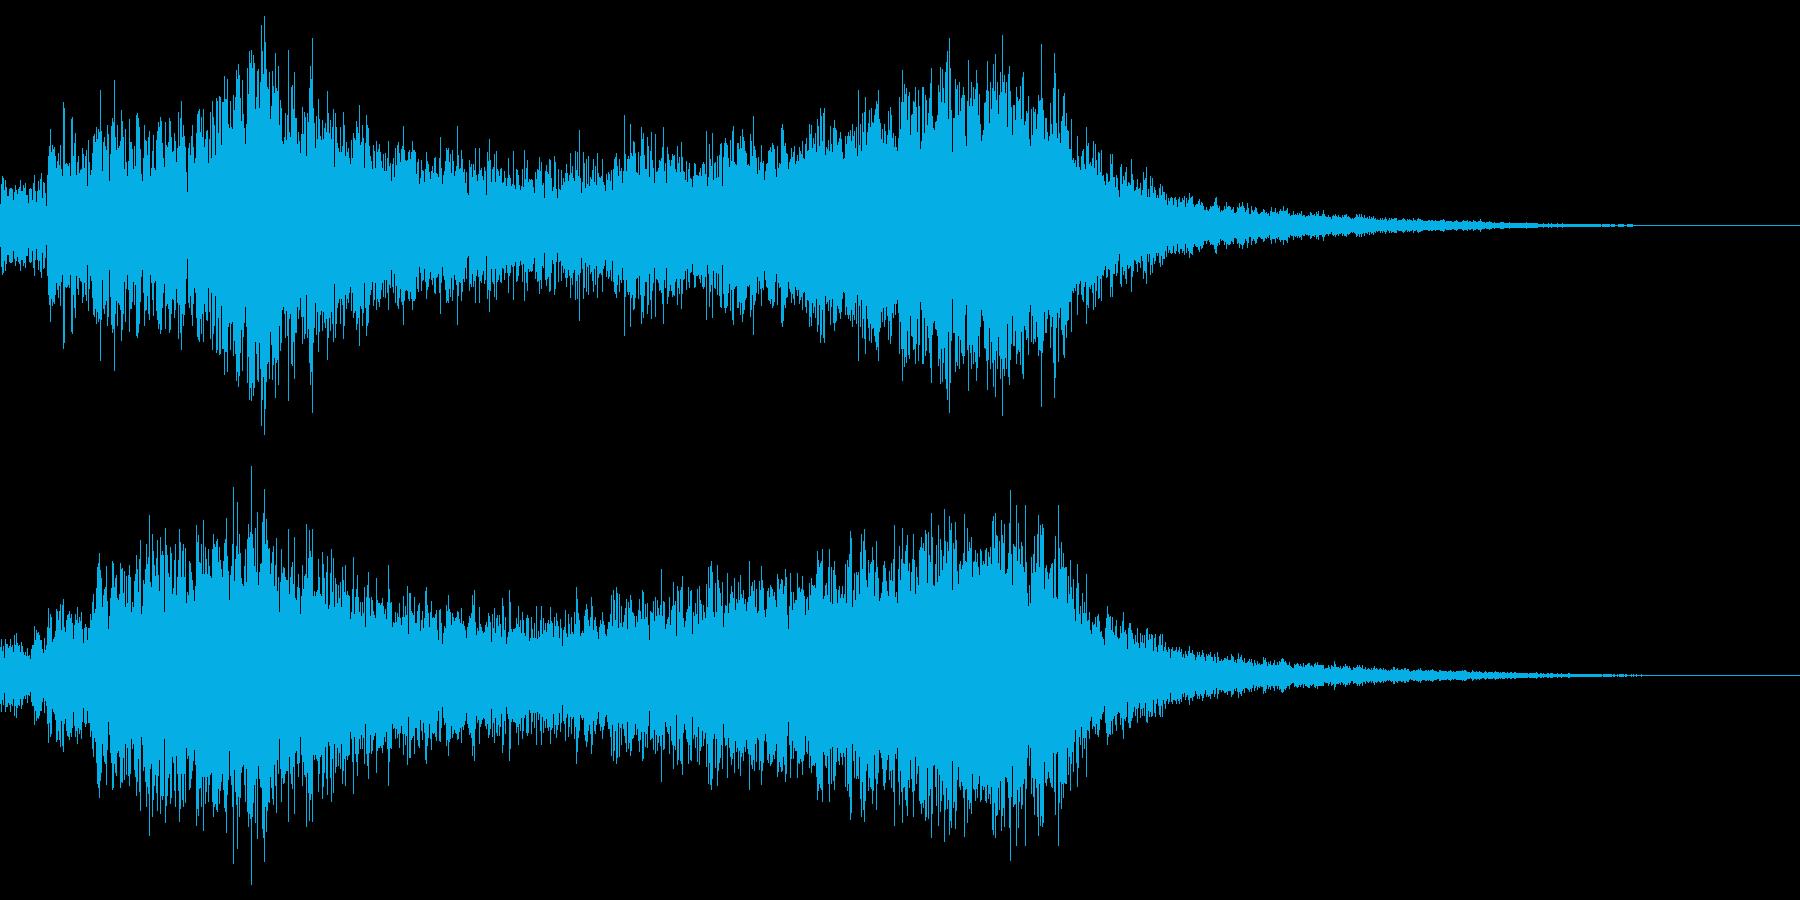 財宝や貴重なものを発見したときの音の再生済みの波形